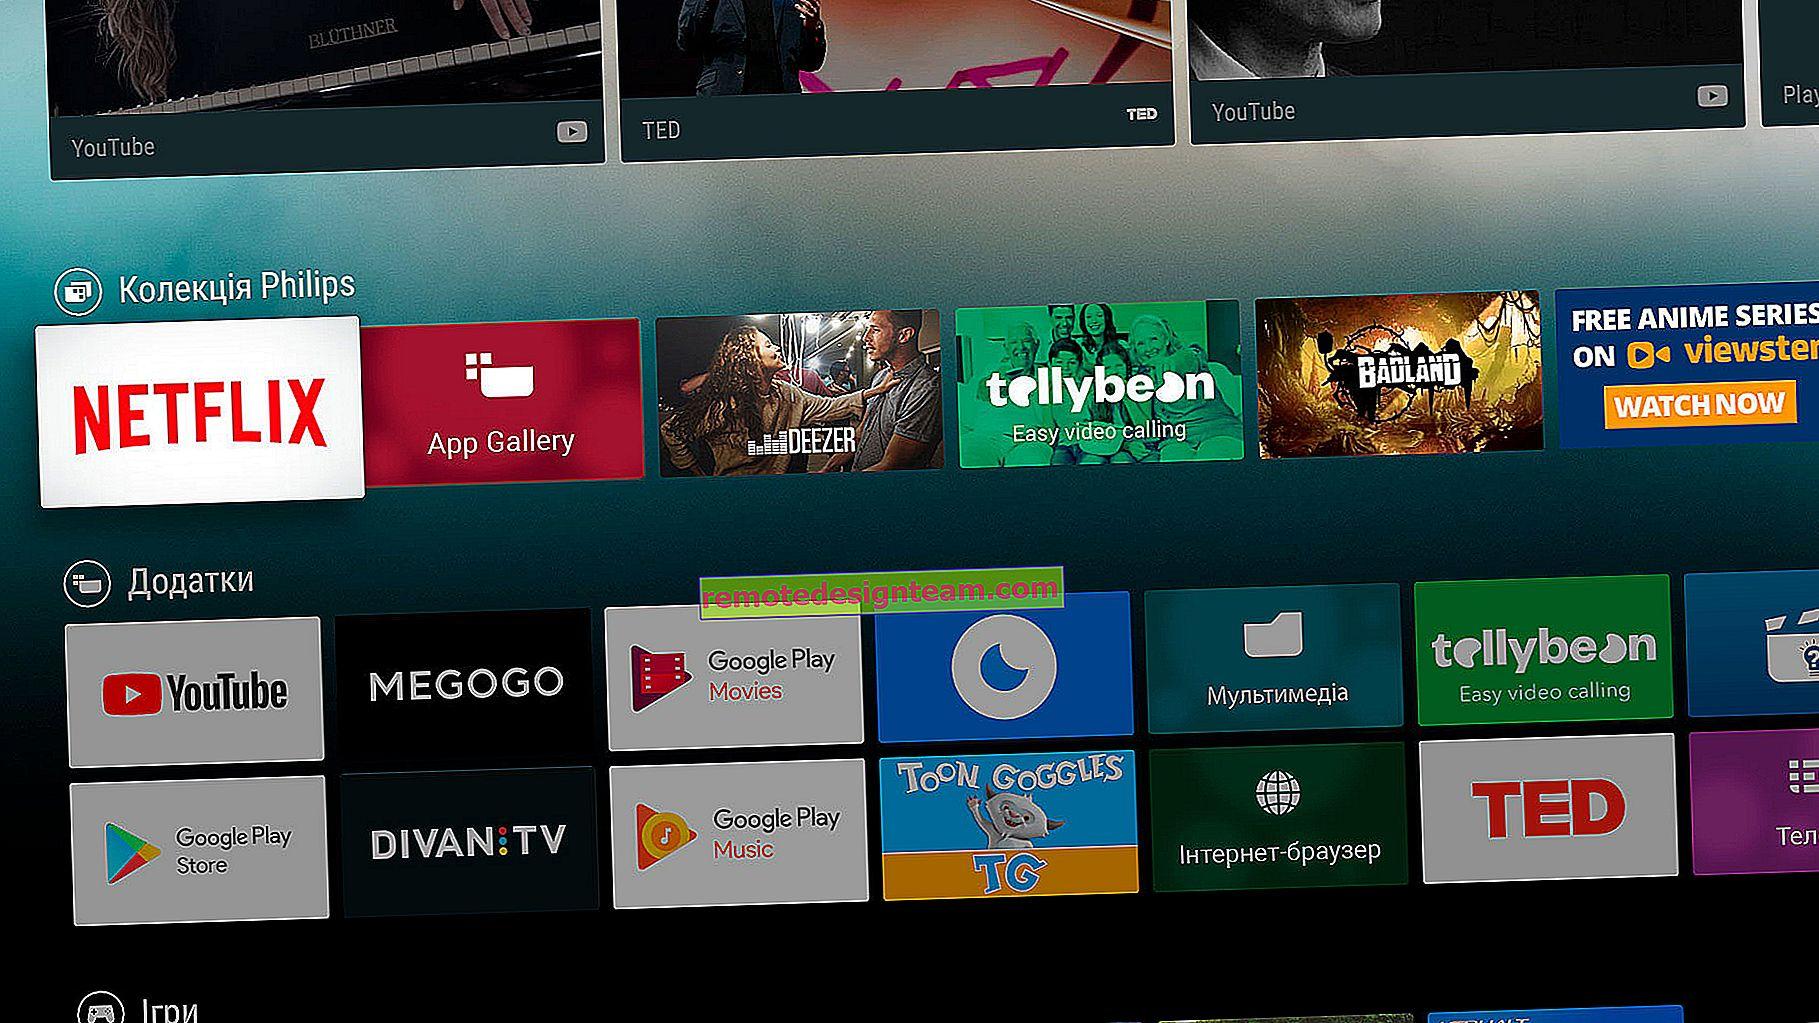 كيف أقوم بتحديث البرنامج الثابت (البرنامج) الخاص بتلفزيون Philips الخاص بي على تلفزيون Android TV؟